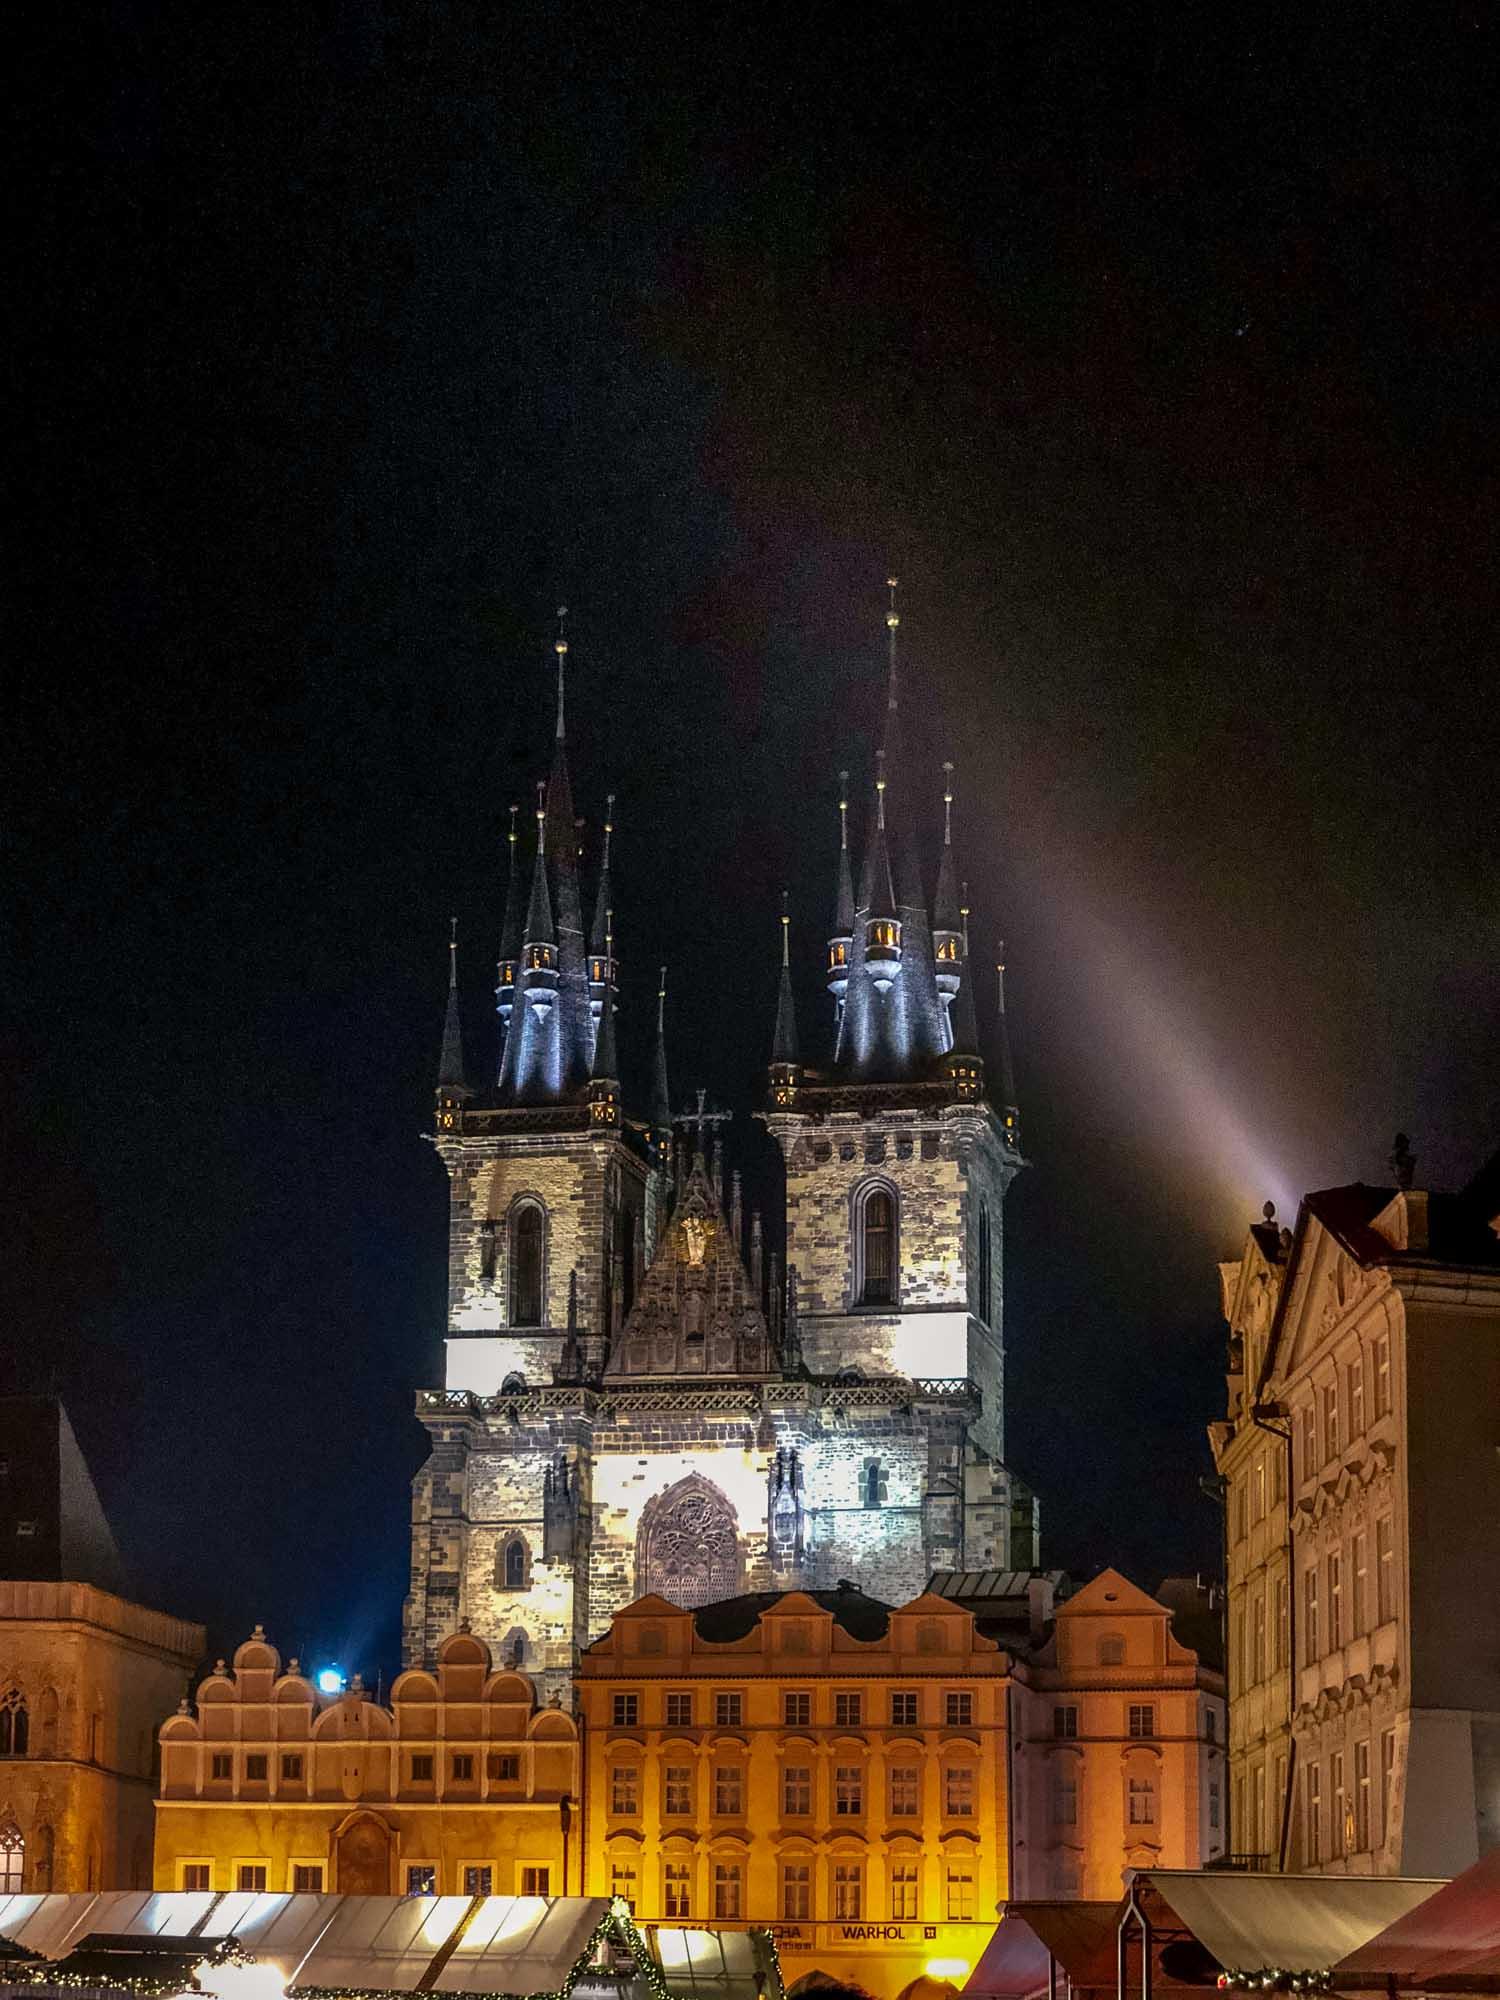 L'église de Notre-Dame du Týn de nuit